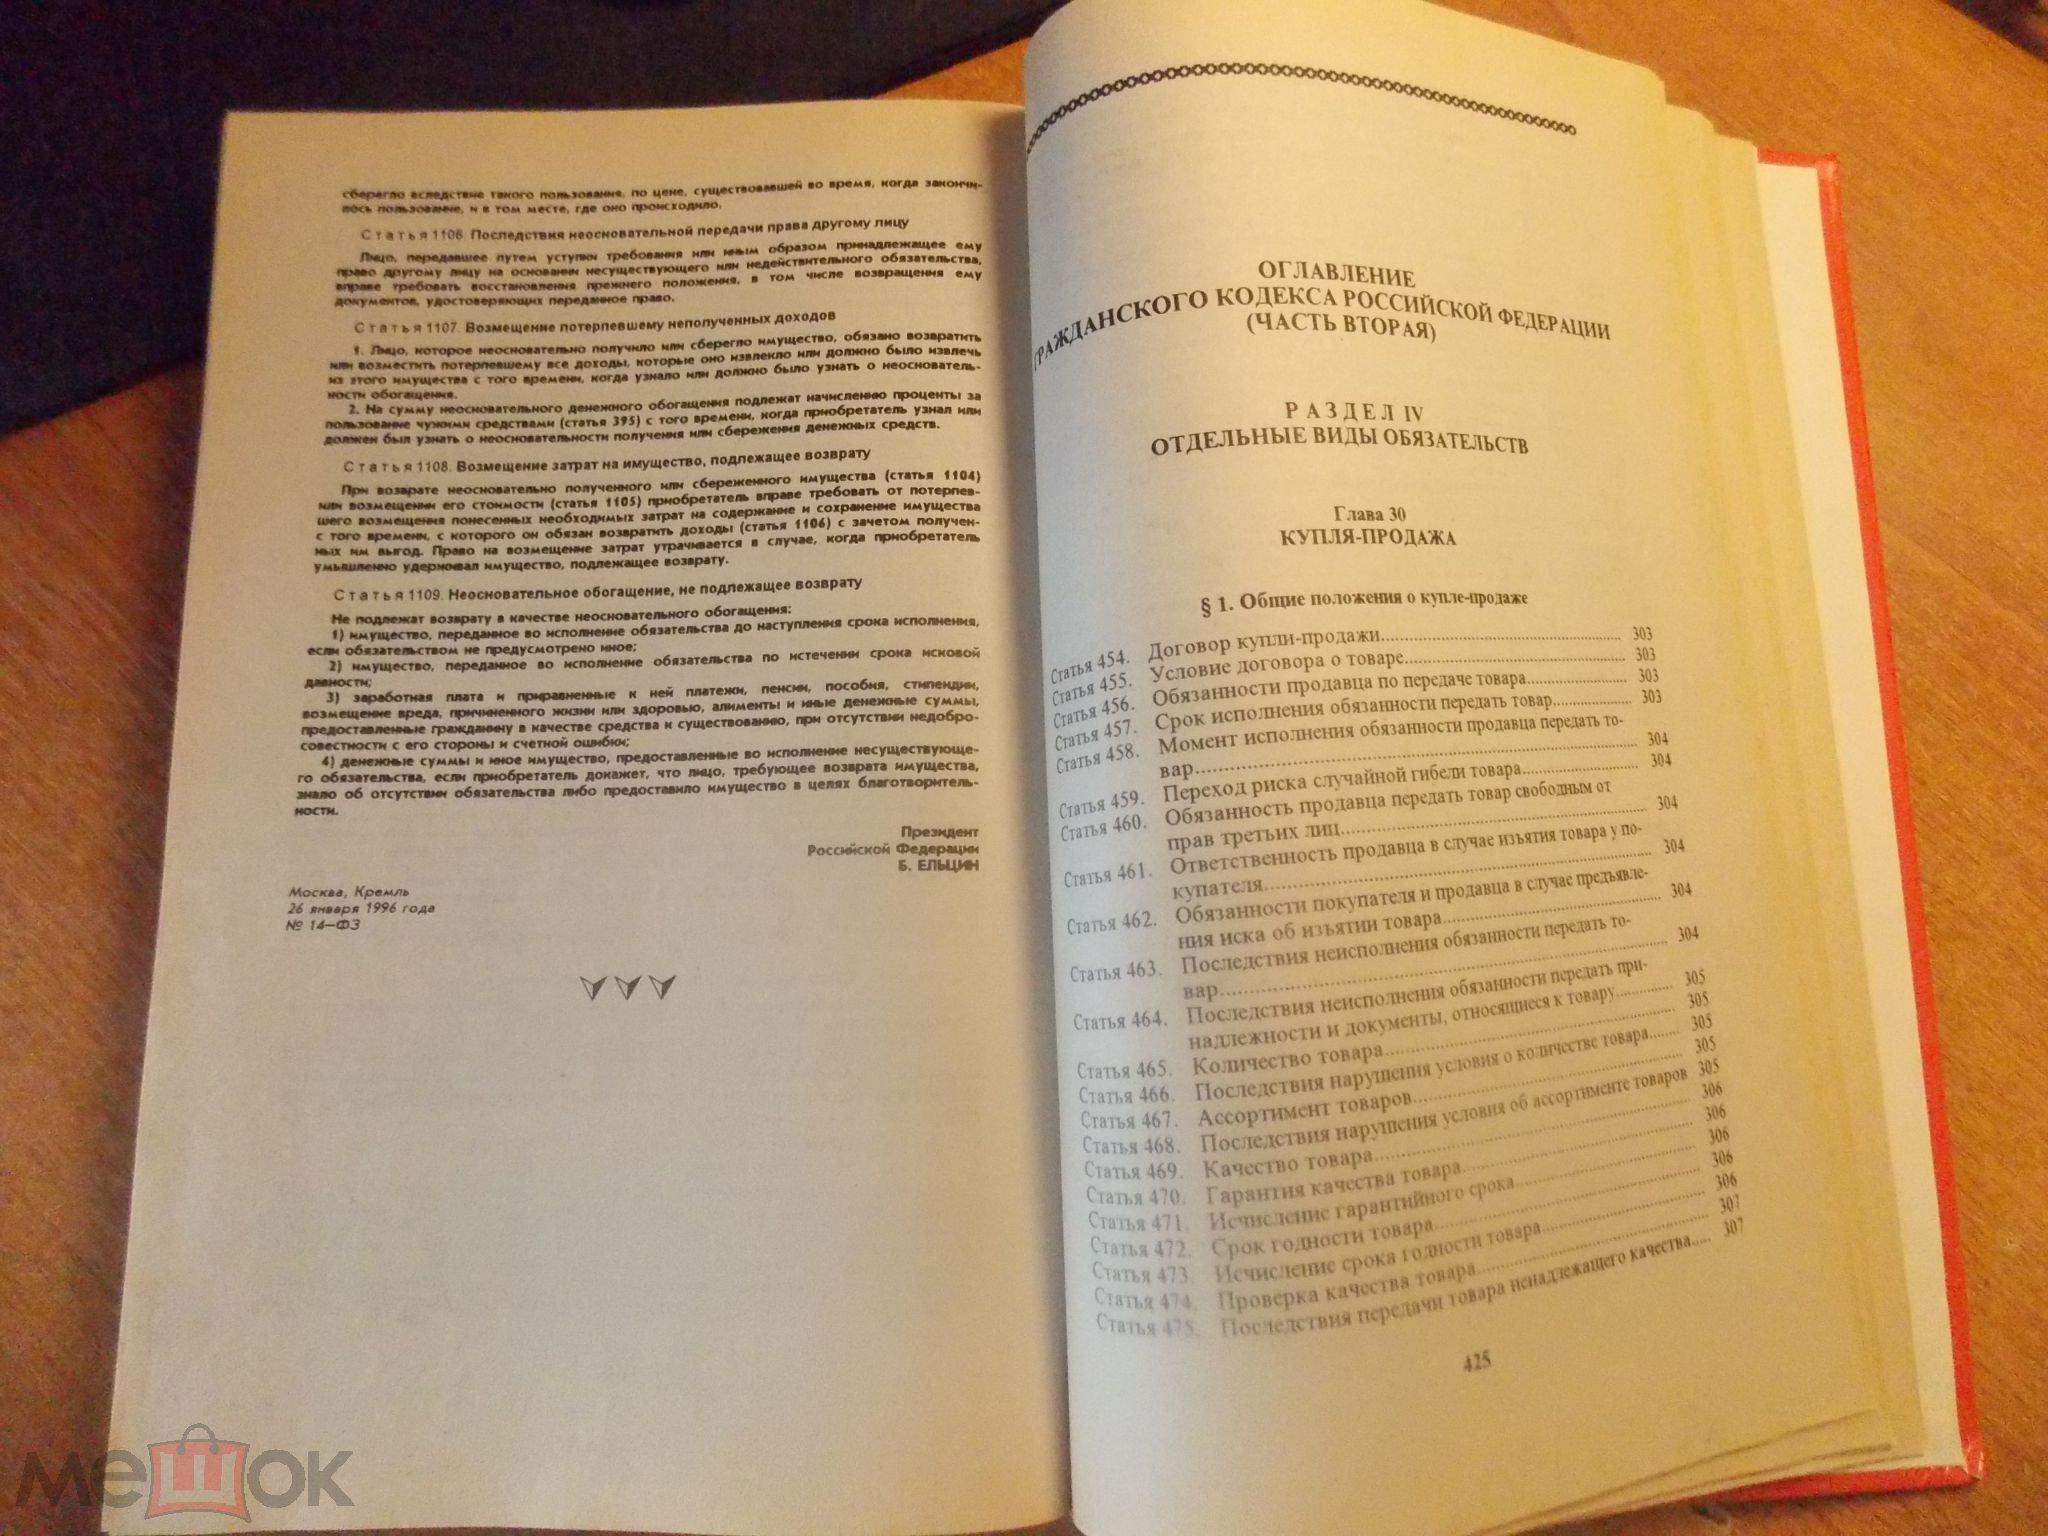 гражданский кодекс статья 461